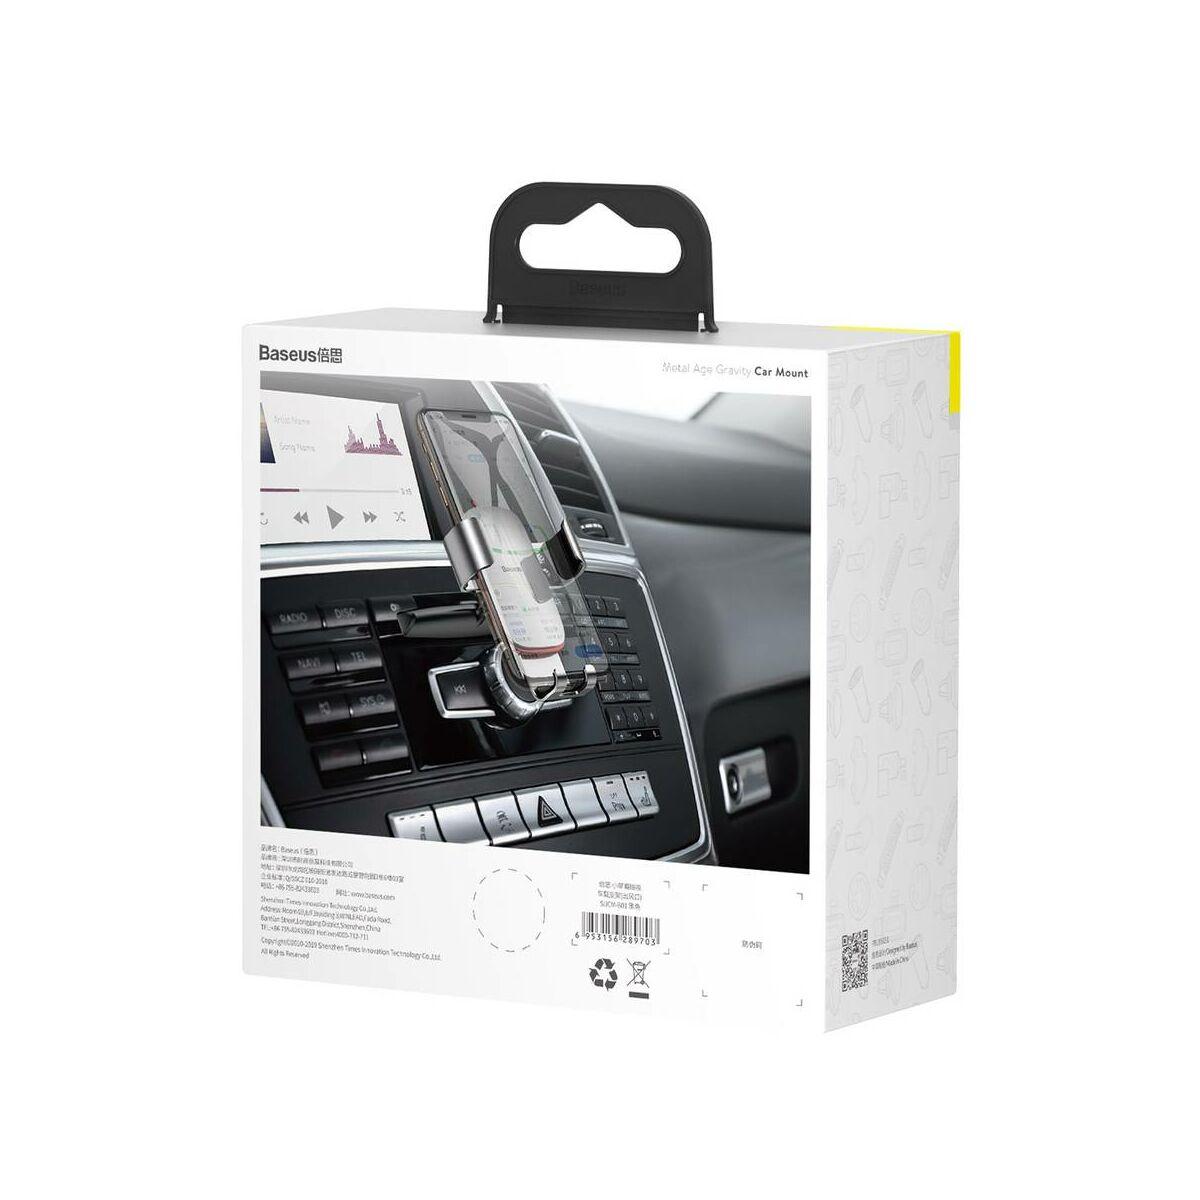 Baseus autós telefon tartó, Metal Age Gravity (CD lejátszóba helyezhető) fekete (SUYL-J01)